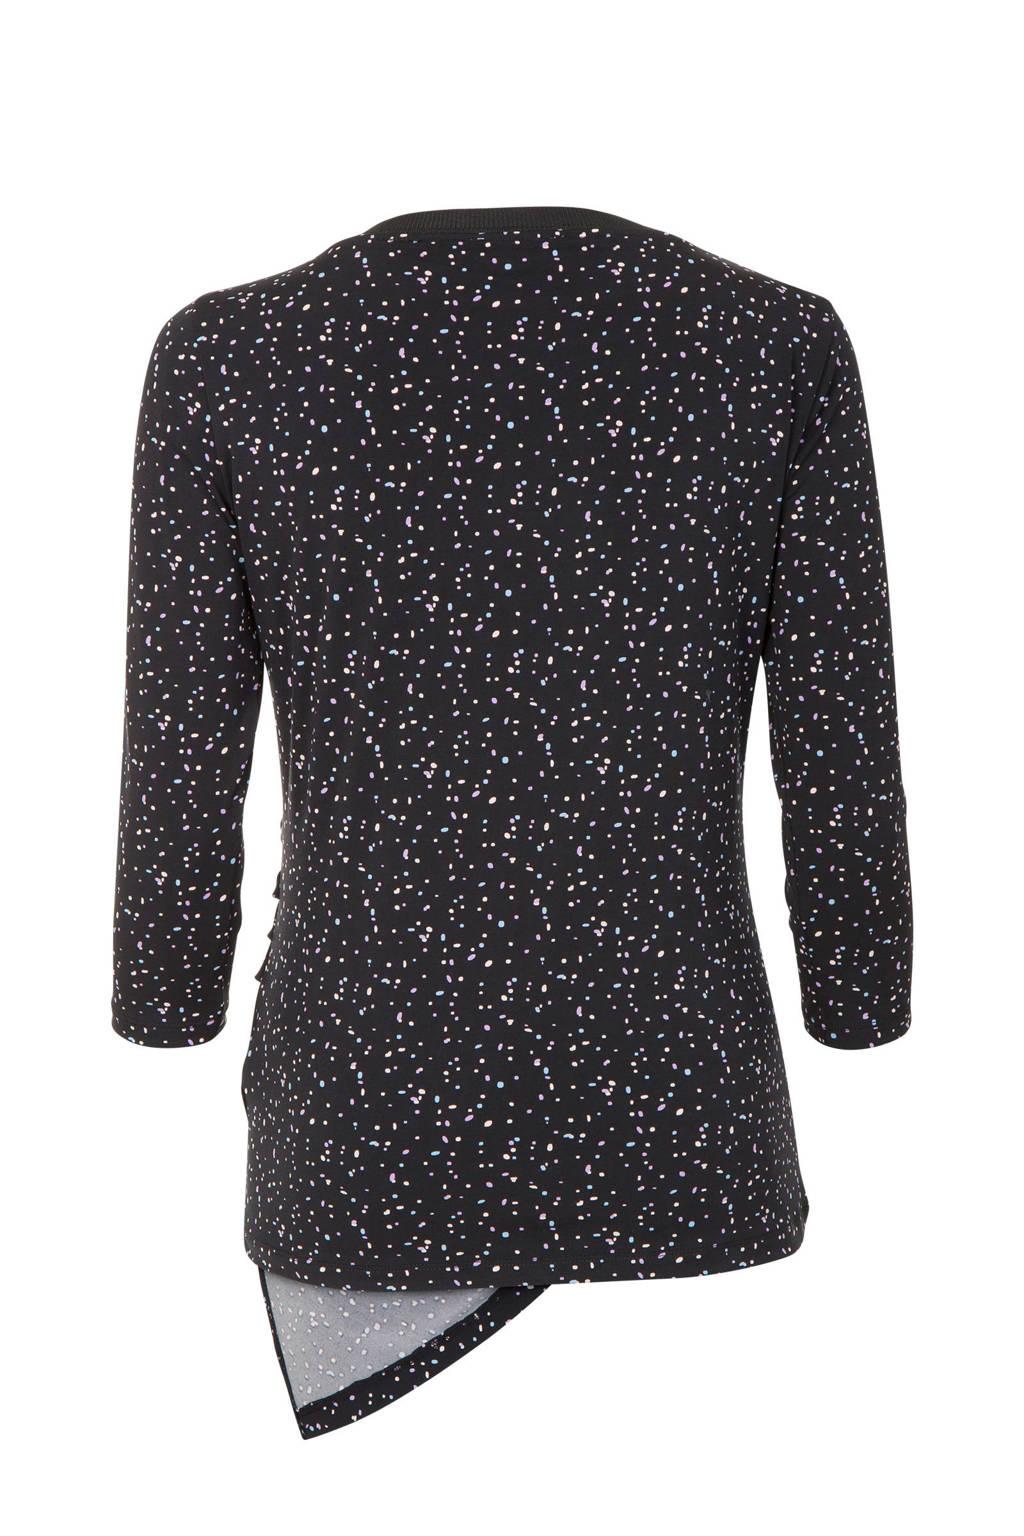 Print Promisst All Met Zwart Over shirt qw1OgA